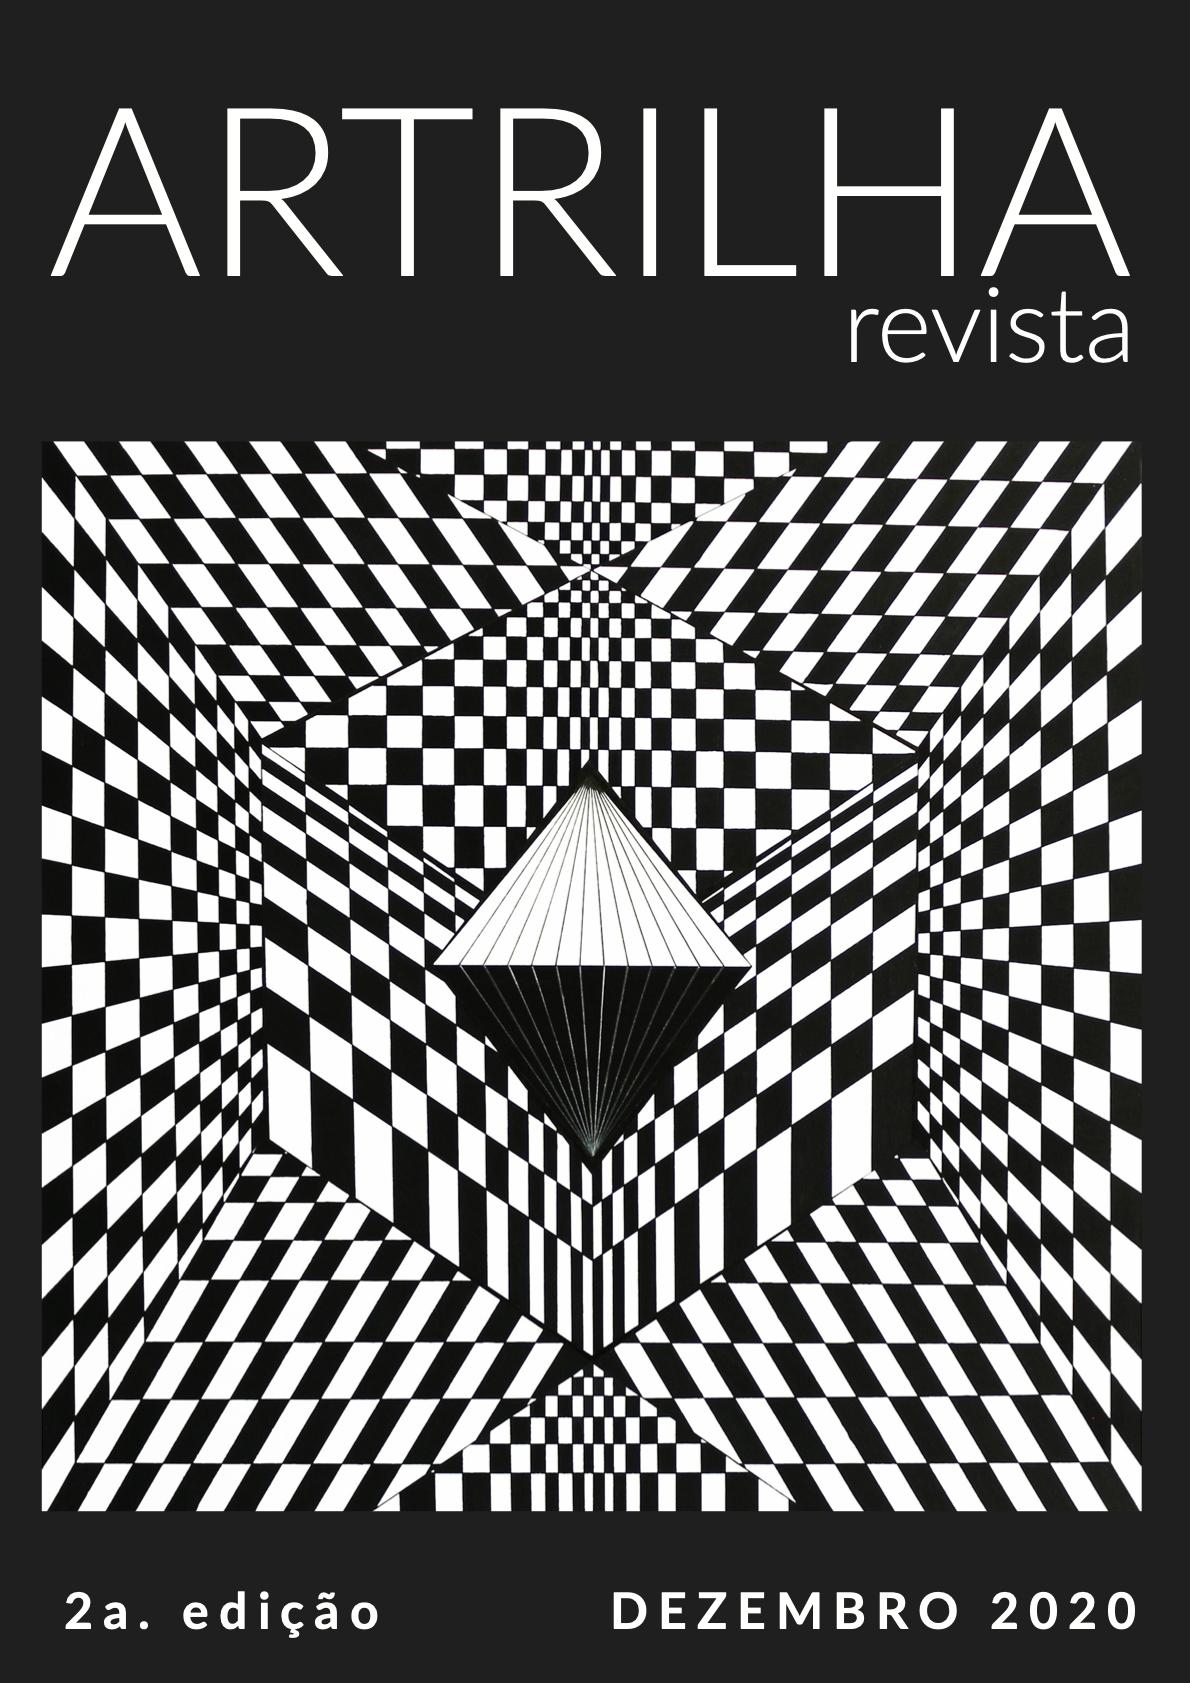 Revista Artrilha: segunda edição capa